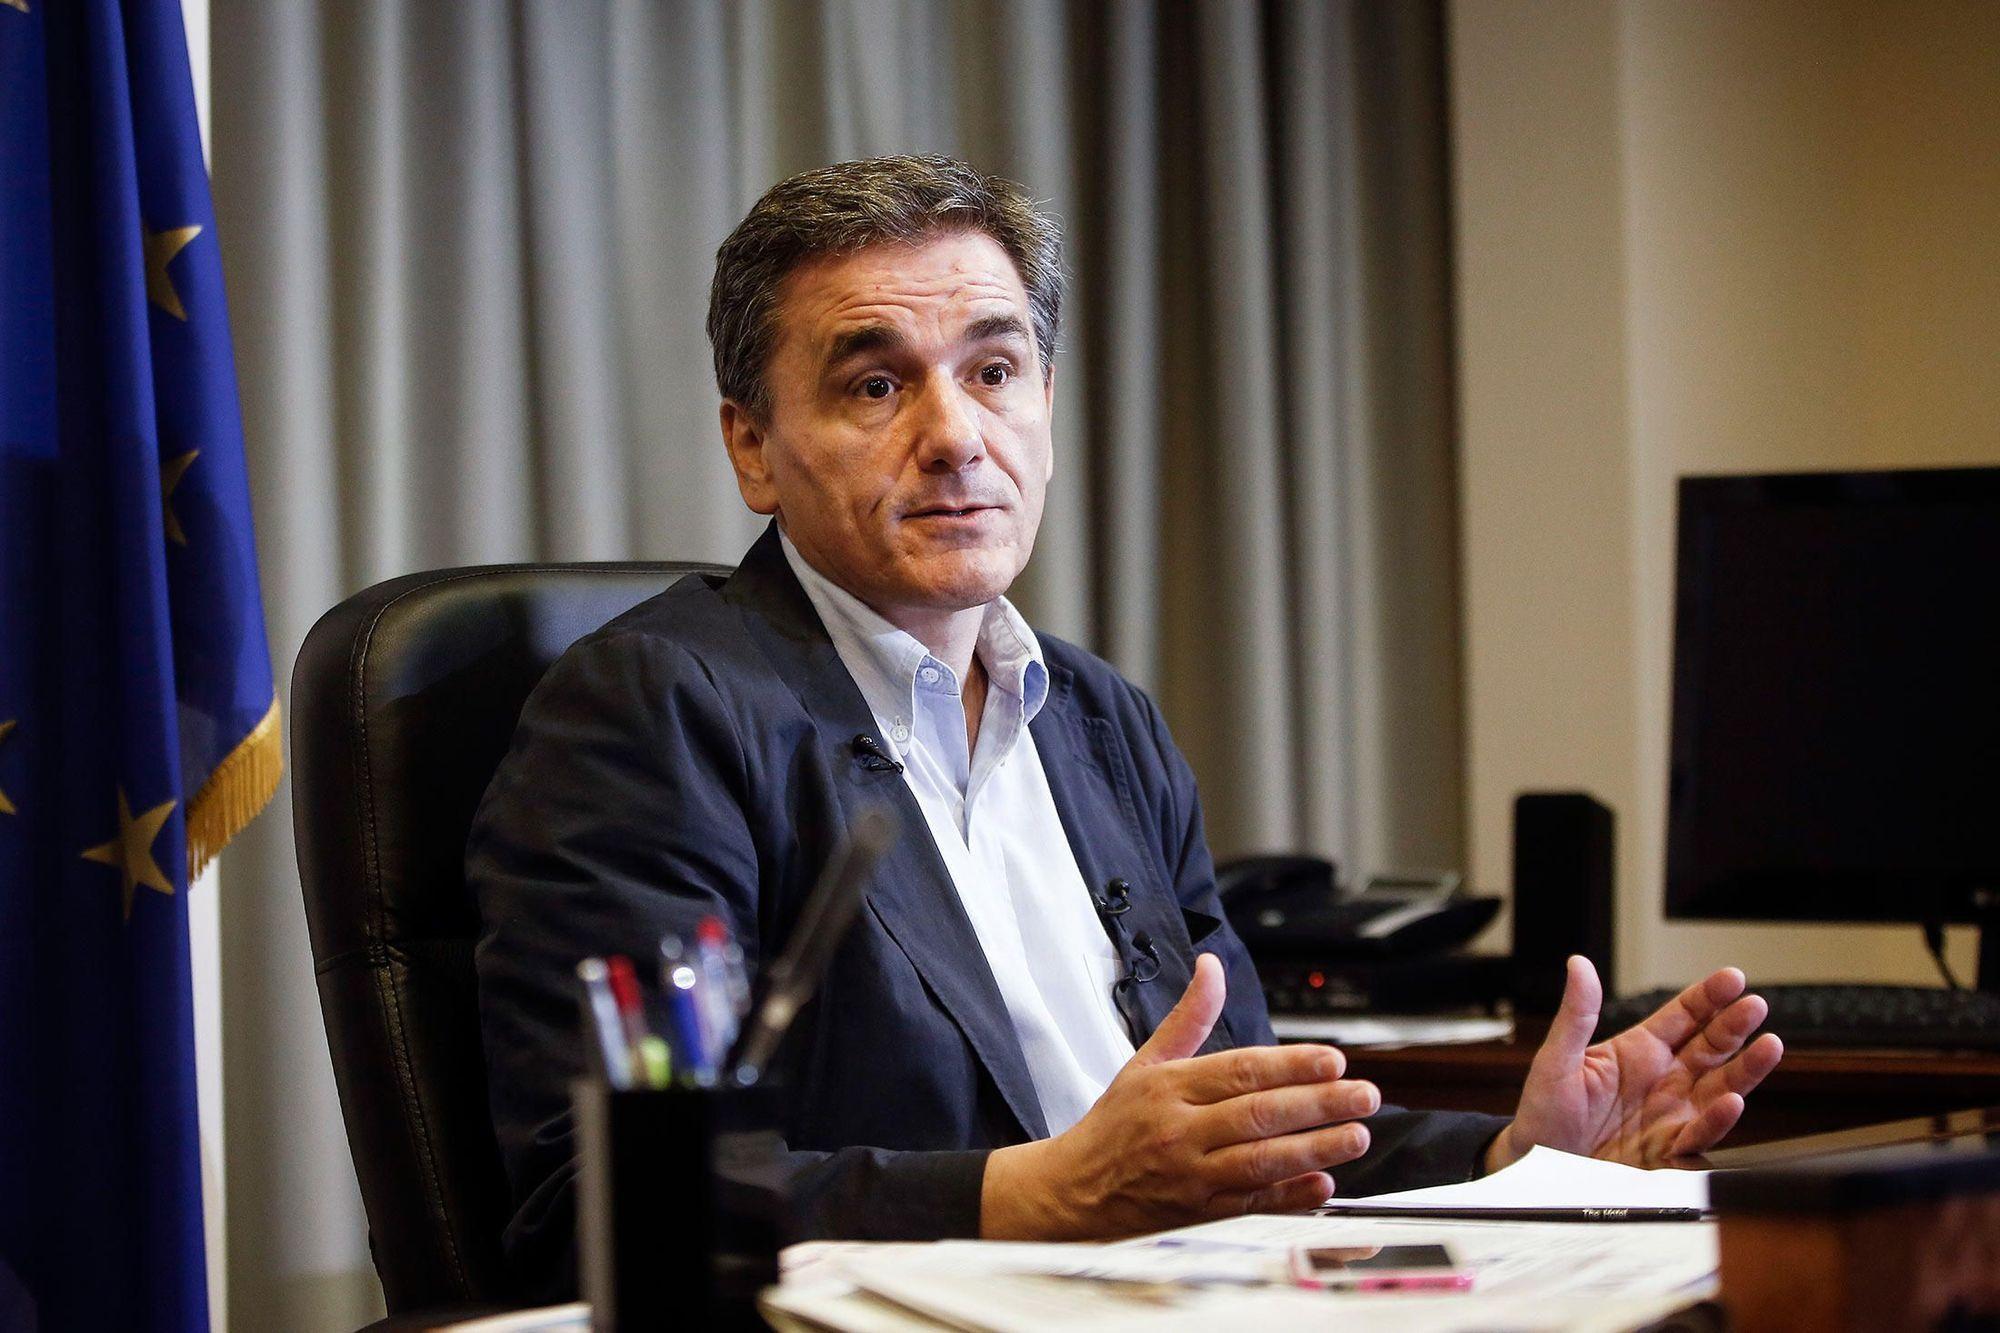 Ευκλείδης Τσακαλώτος, υπουργός Οικονομικών